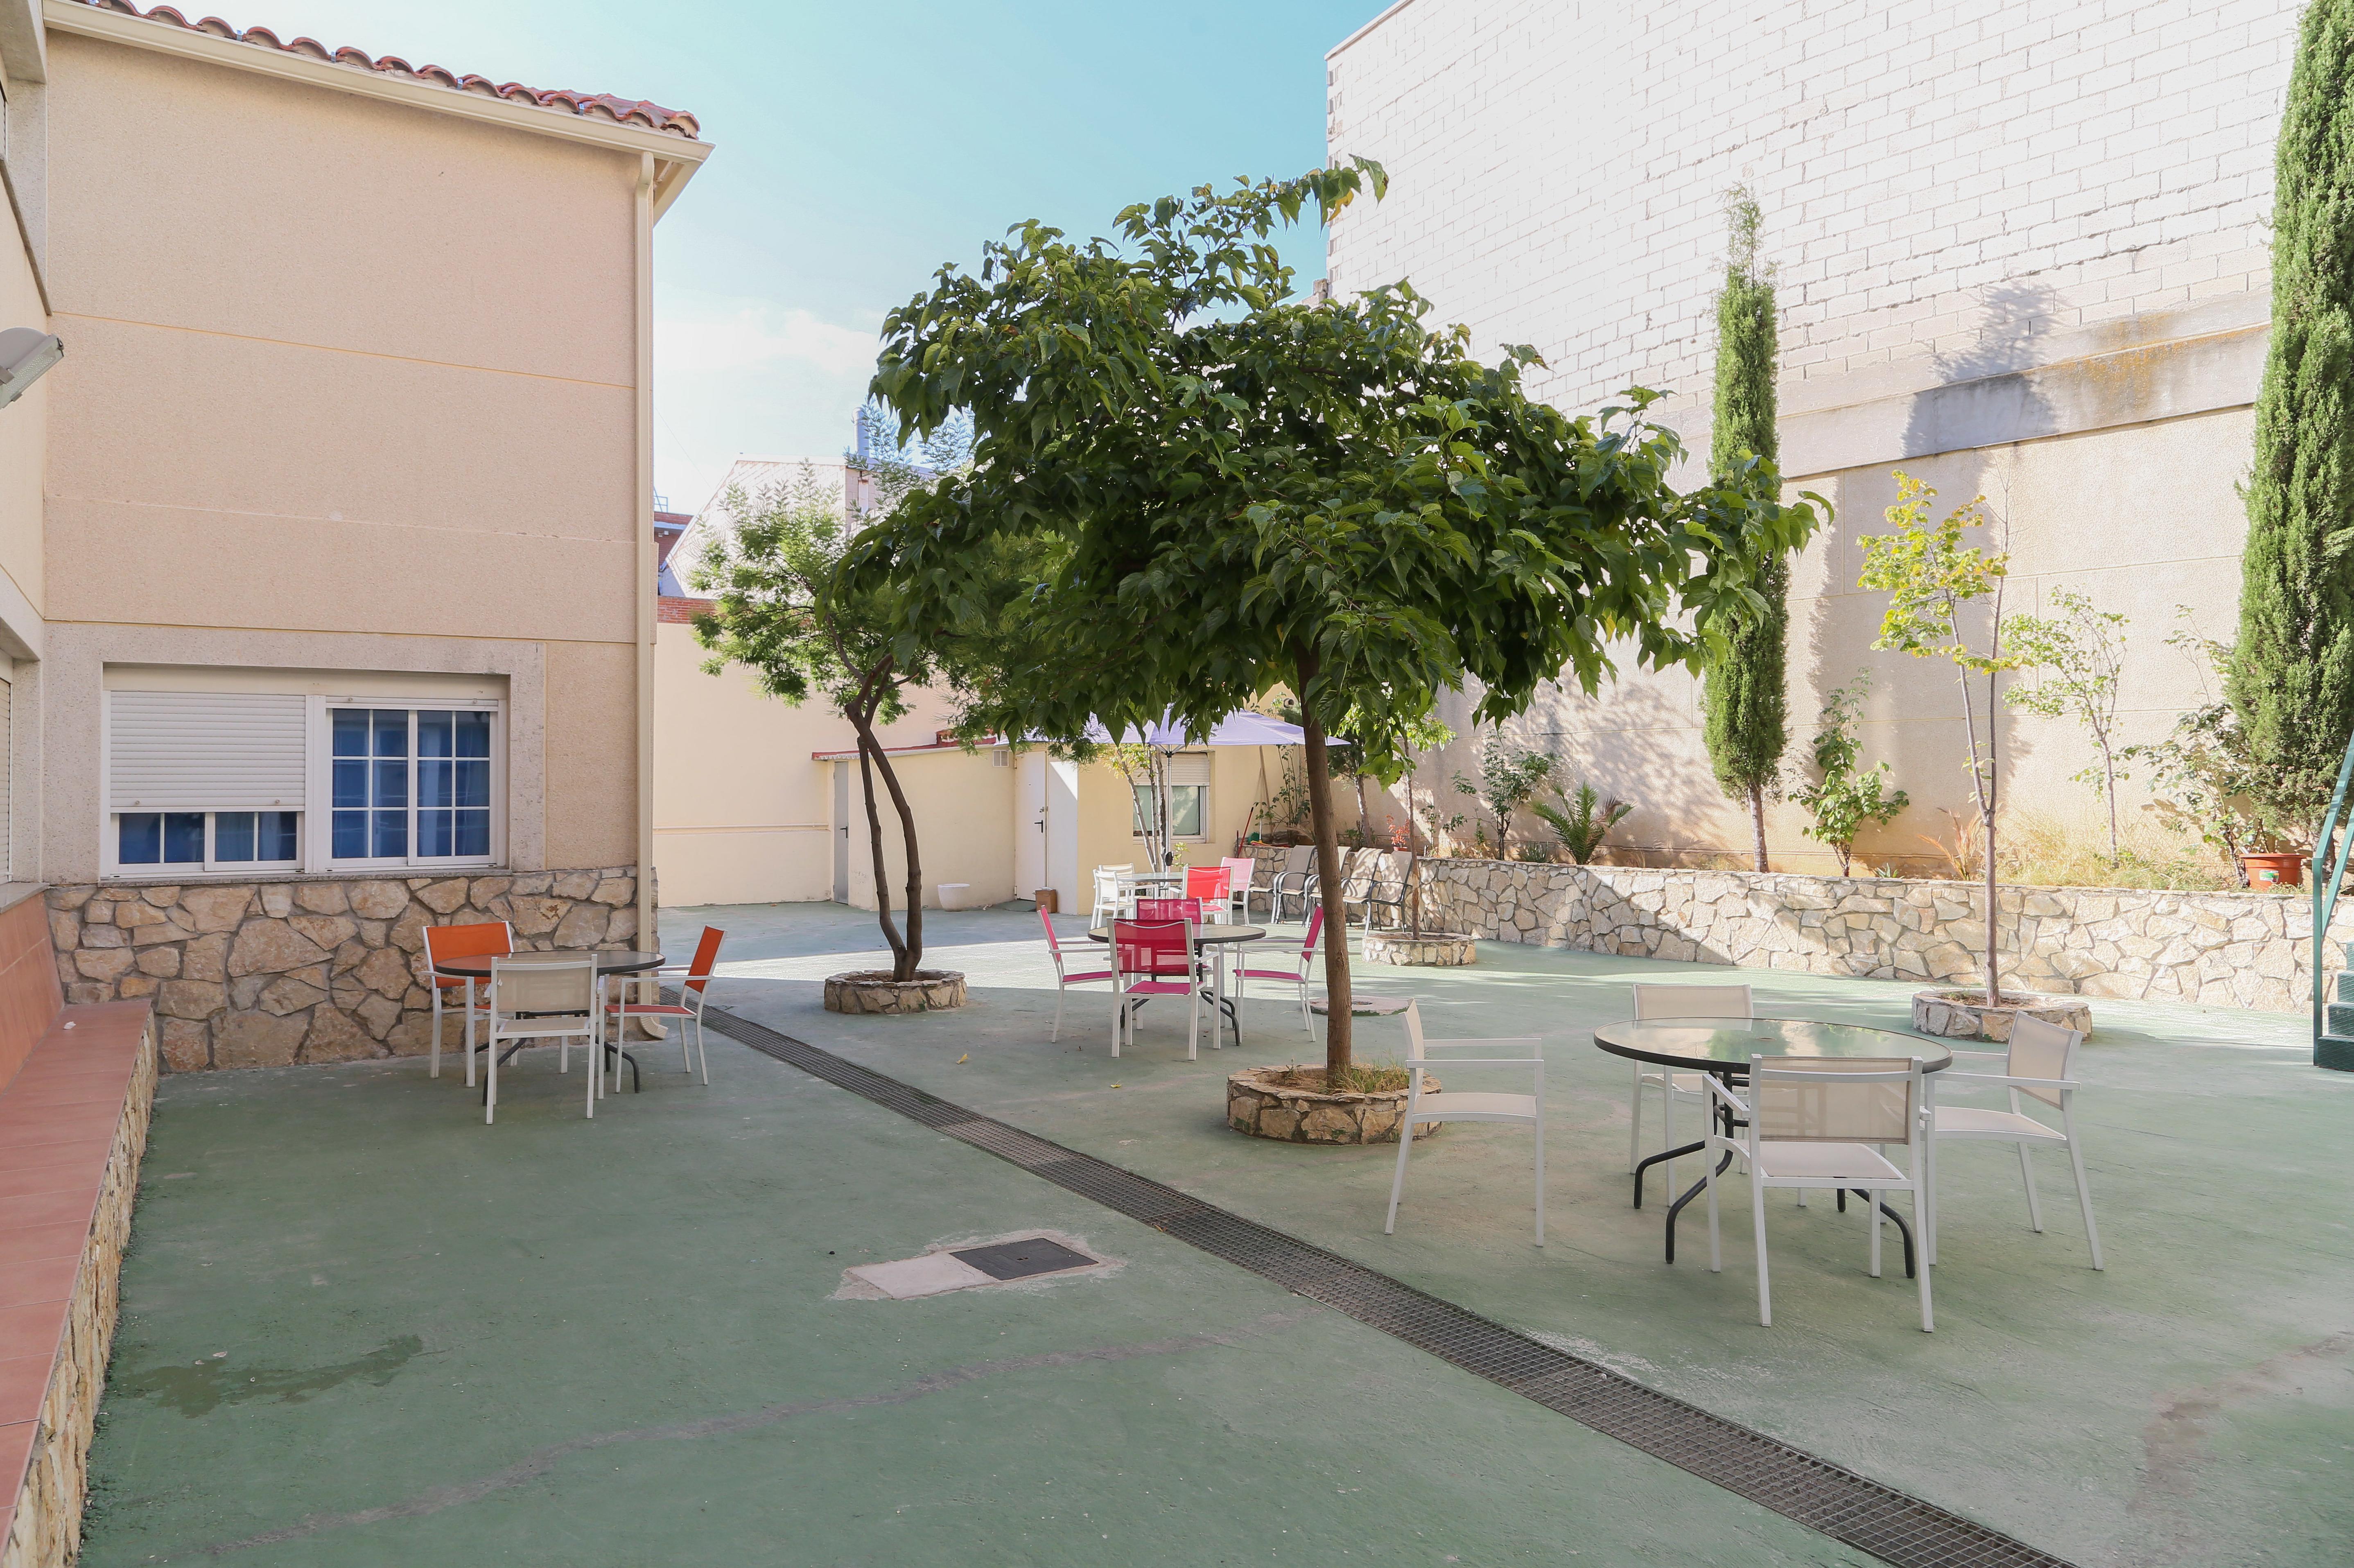 Foto 1 de Residencias geriátricas en San Sebastián de los Reyes | Años Dorados II Centro Residencial para Mayores